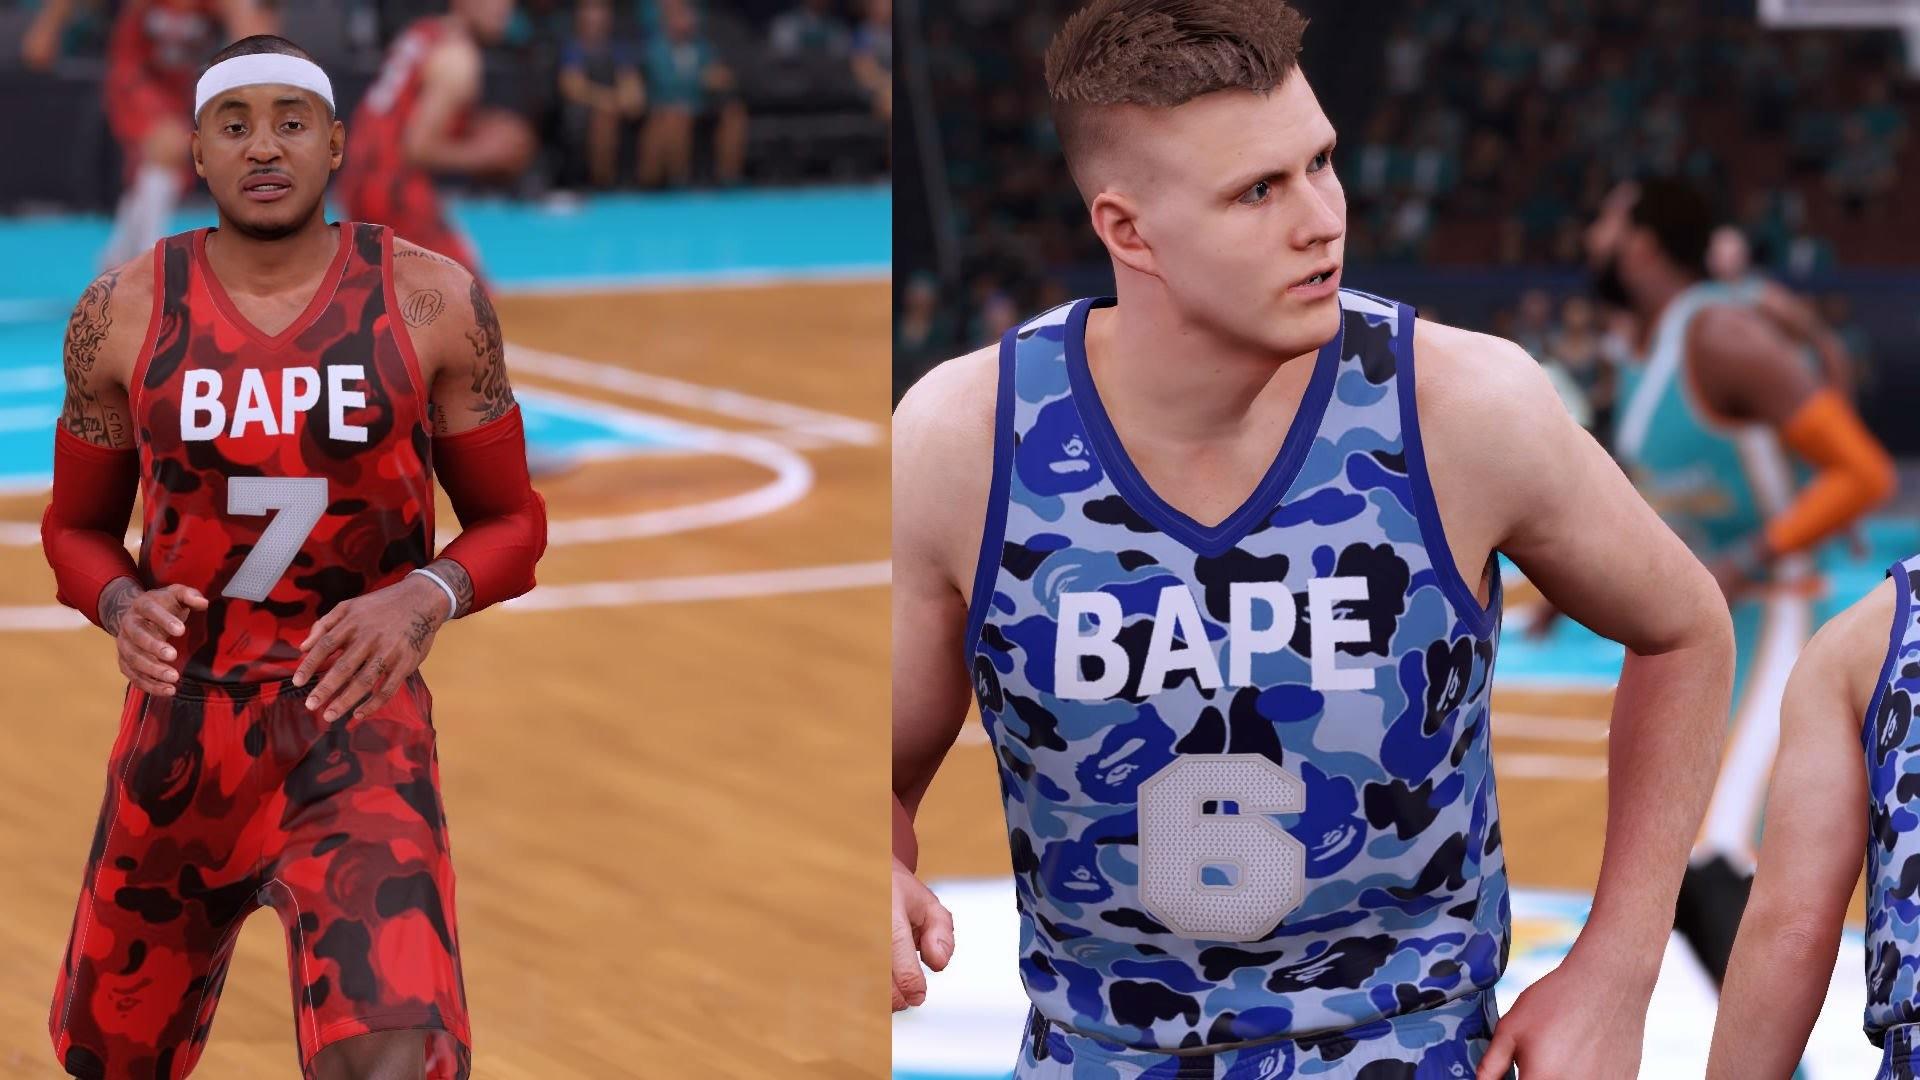 New York Knicks x A Bathing Ape NBA 2K16 Rebrand